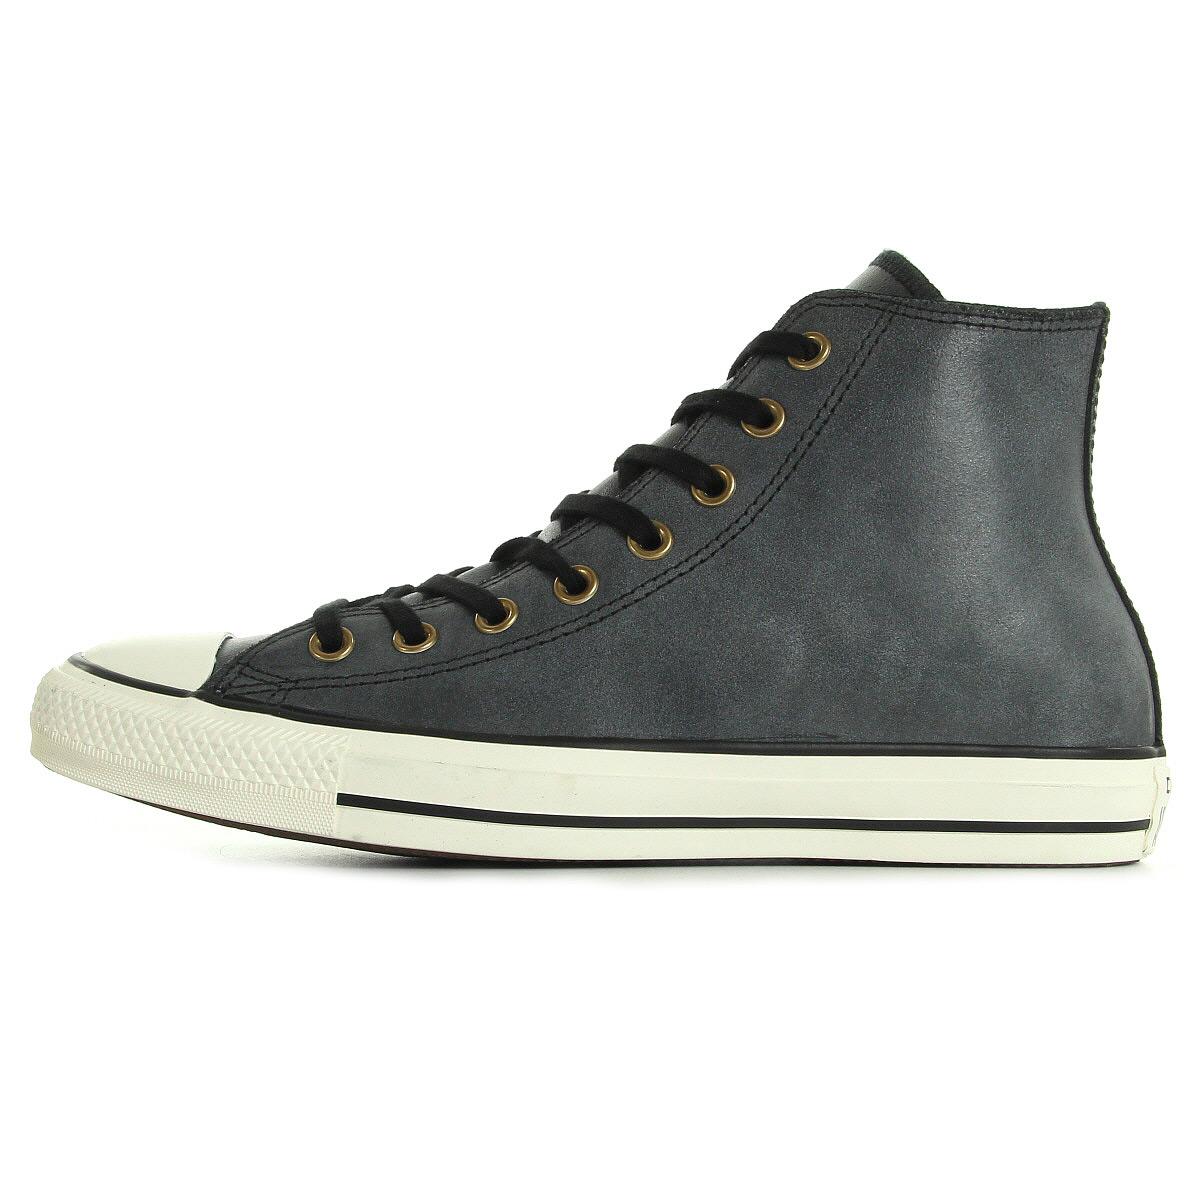 chaussures baskets converse homme ct hi black taille noir noire cuir lacets ebay. Black Bedroom Furniture Sets. Home Design Ideas